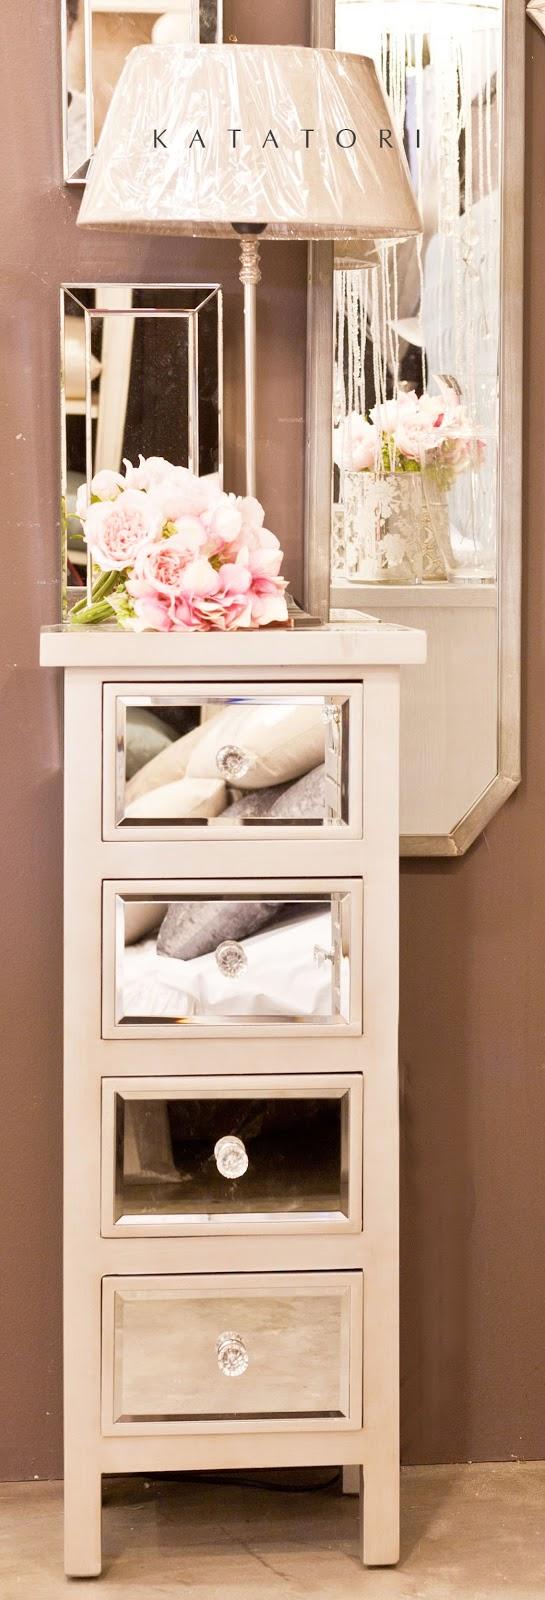 Muebles Poligono El Manchon Of Katatori Interiores Decorar En Blanco